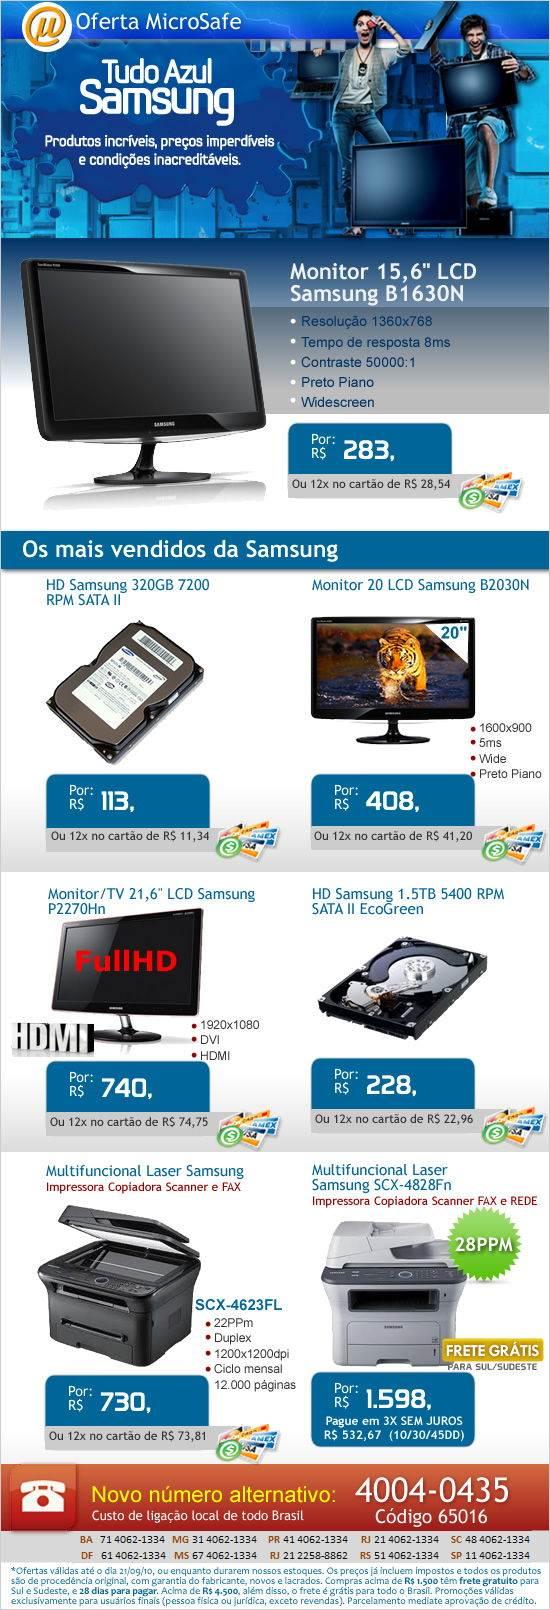 promoção Tudo Azul Samsung!